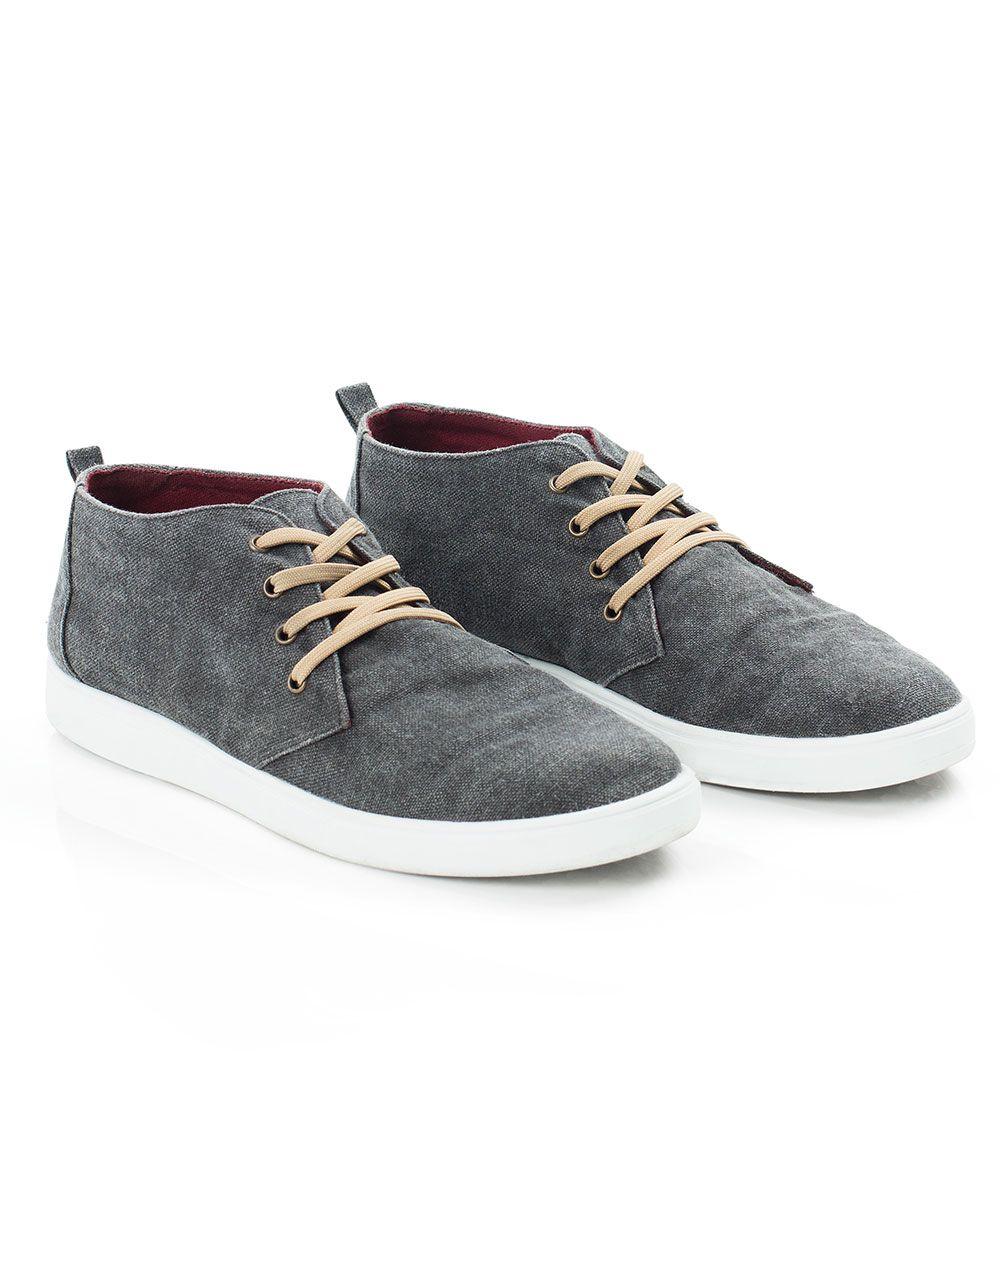 935516b7372 Shoes #GefMen #MenStyle | Shoe Lovers | Zapatos hombre, Zapatos y ...